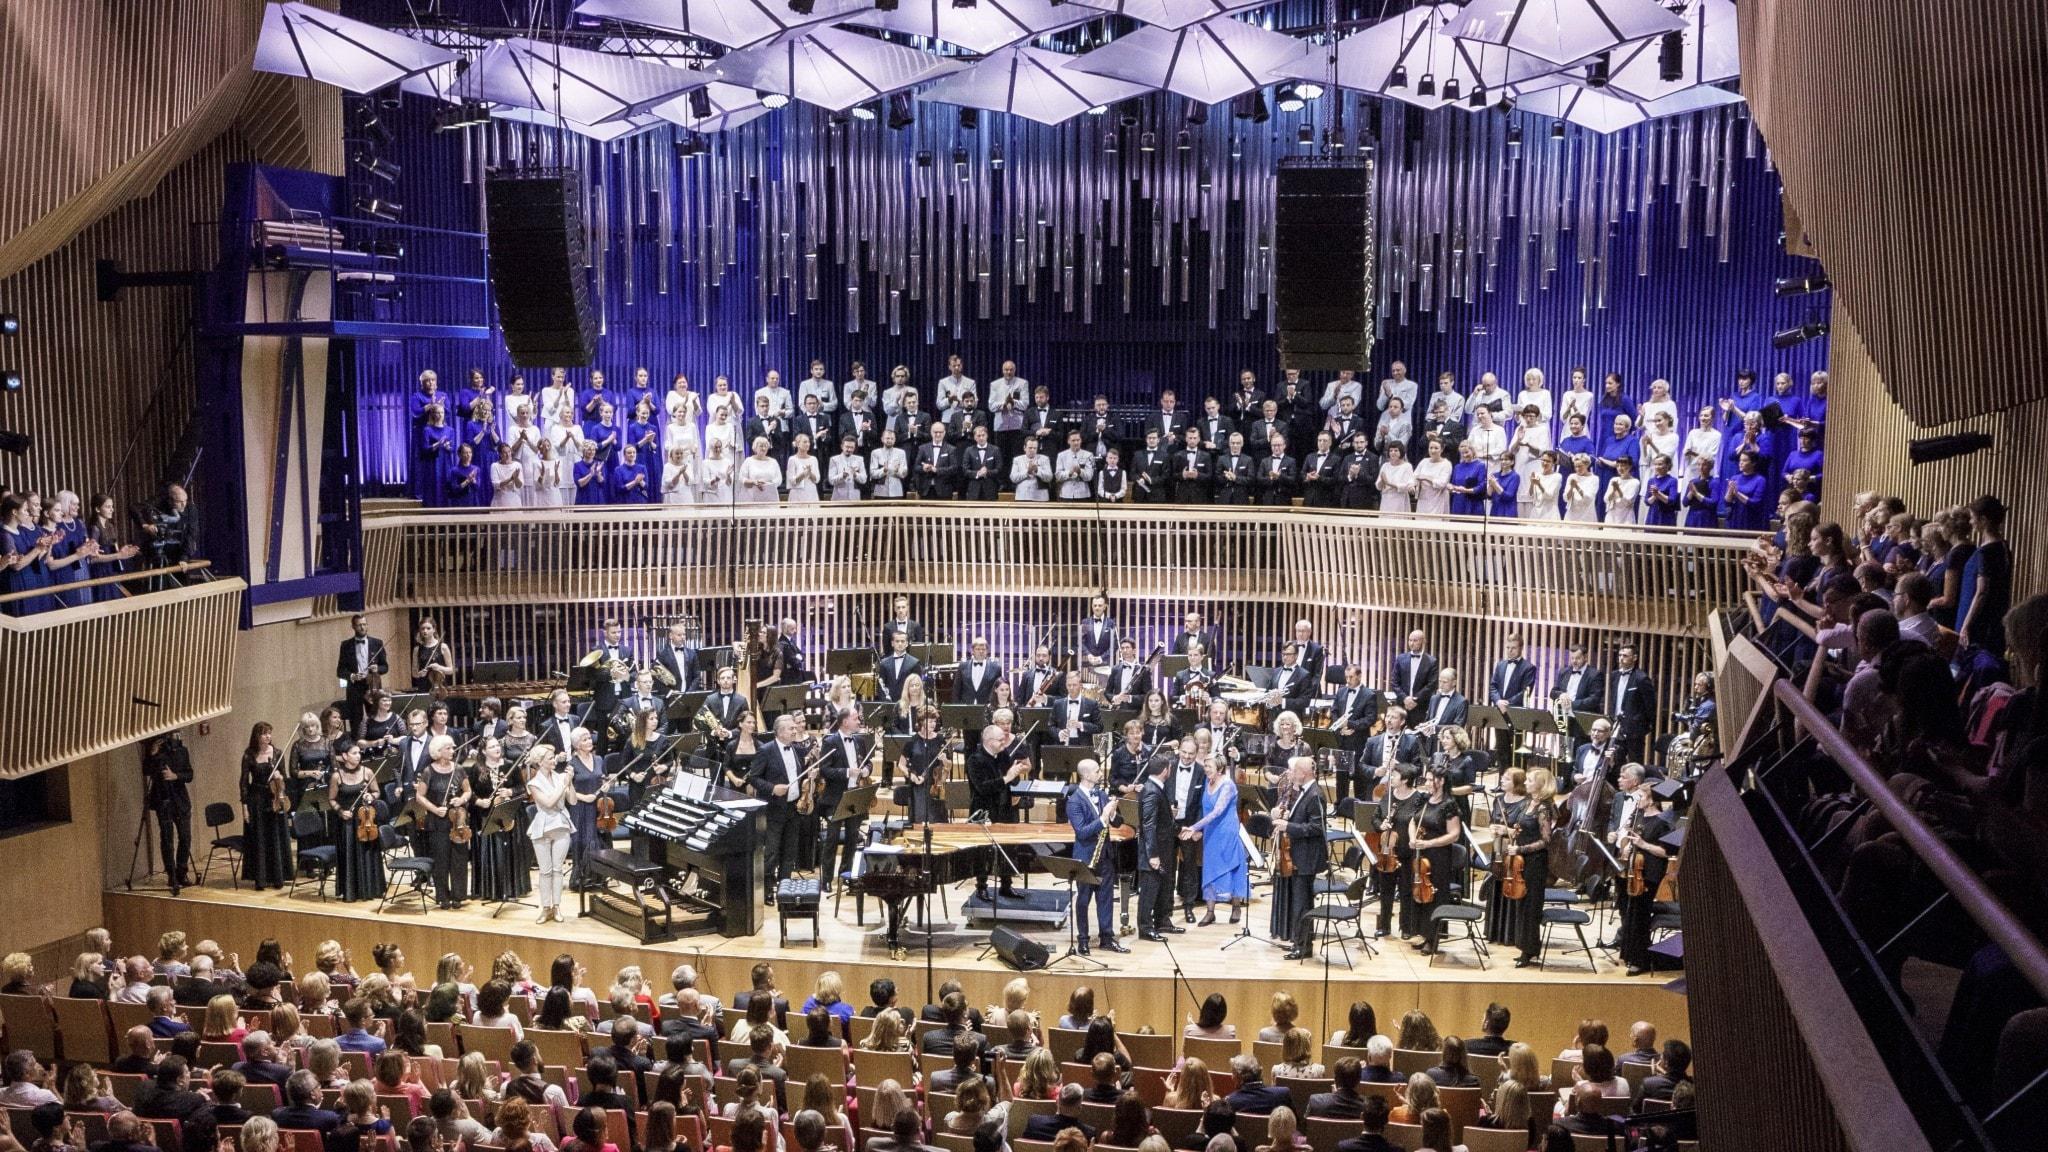 Invigning för Latvija-salen med lettisk musik